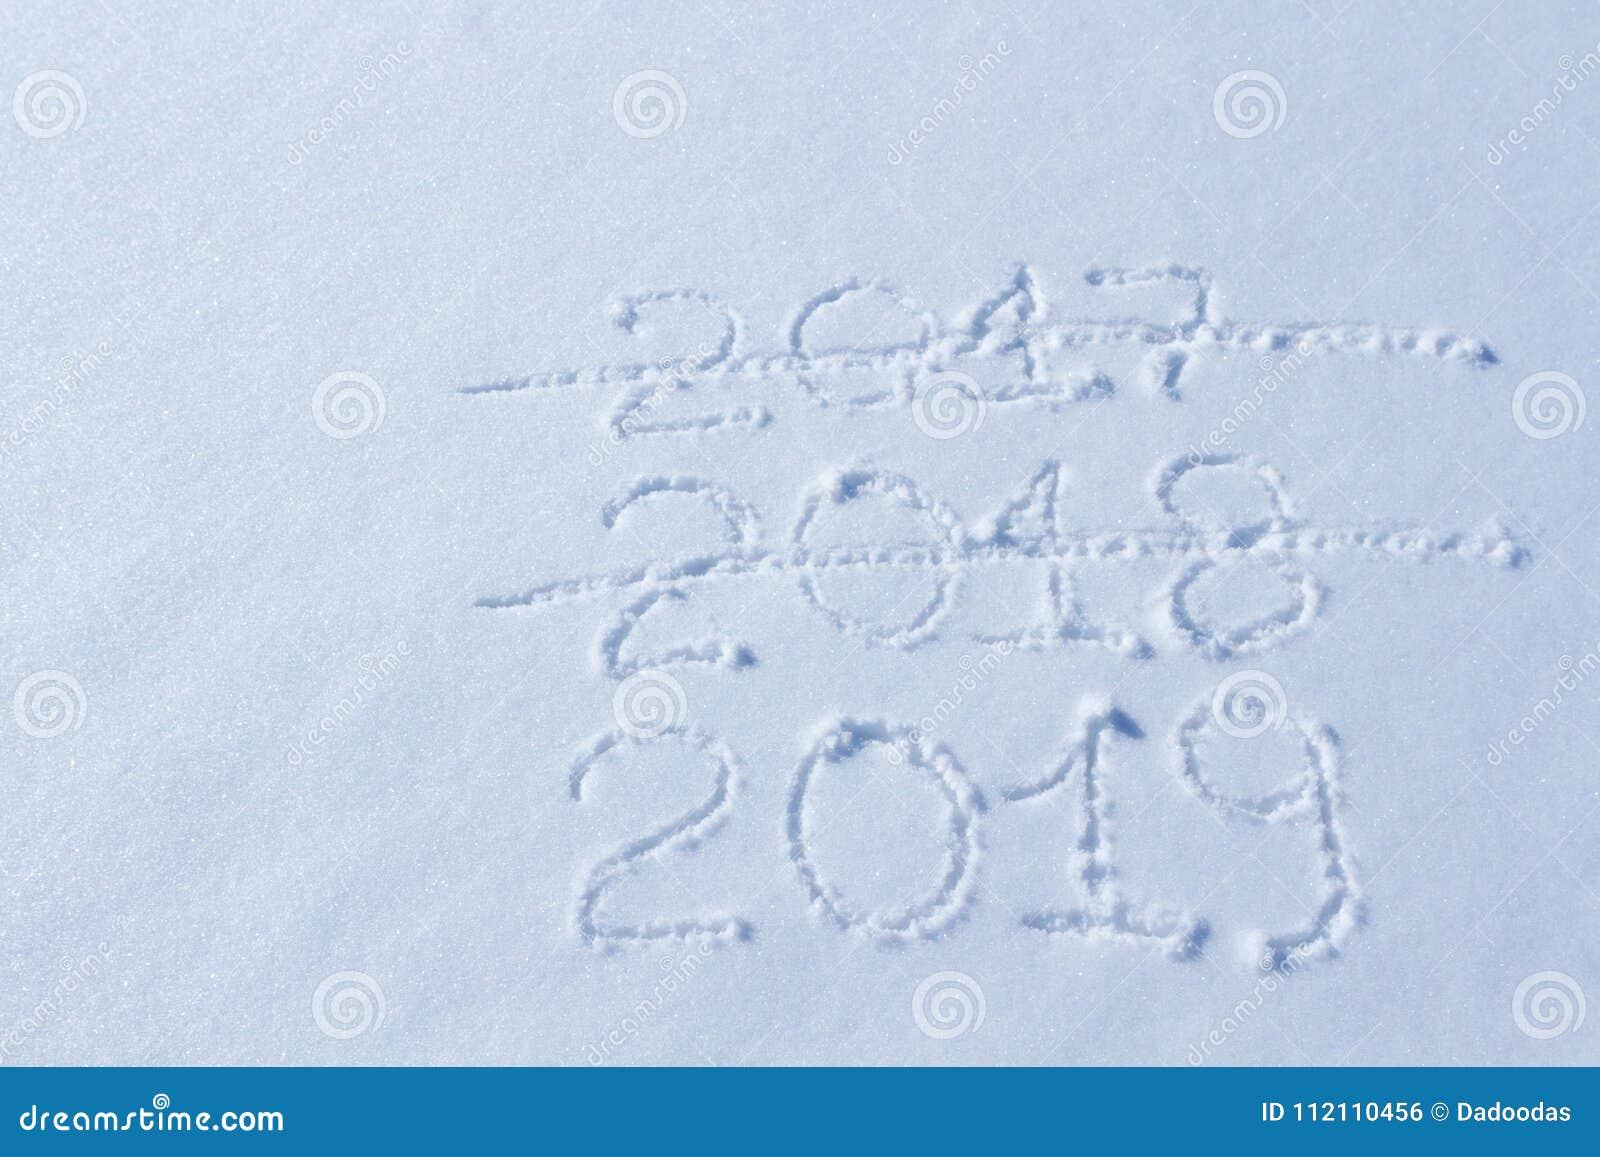 Weihnachten 2019 Schnee.2019 Auf Dem Schnee Für Das Neue Jahr Und Das Weihnachten Stockfoto